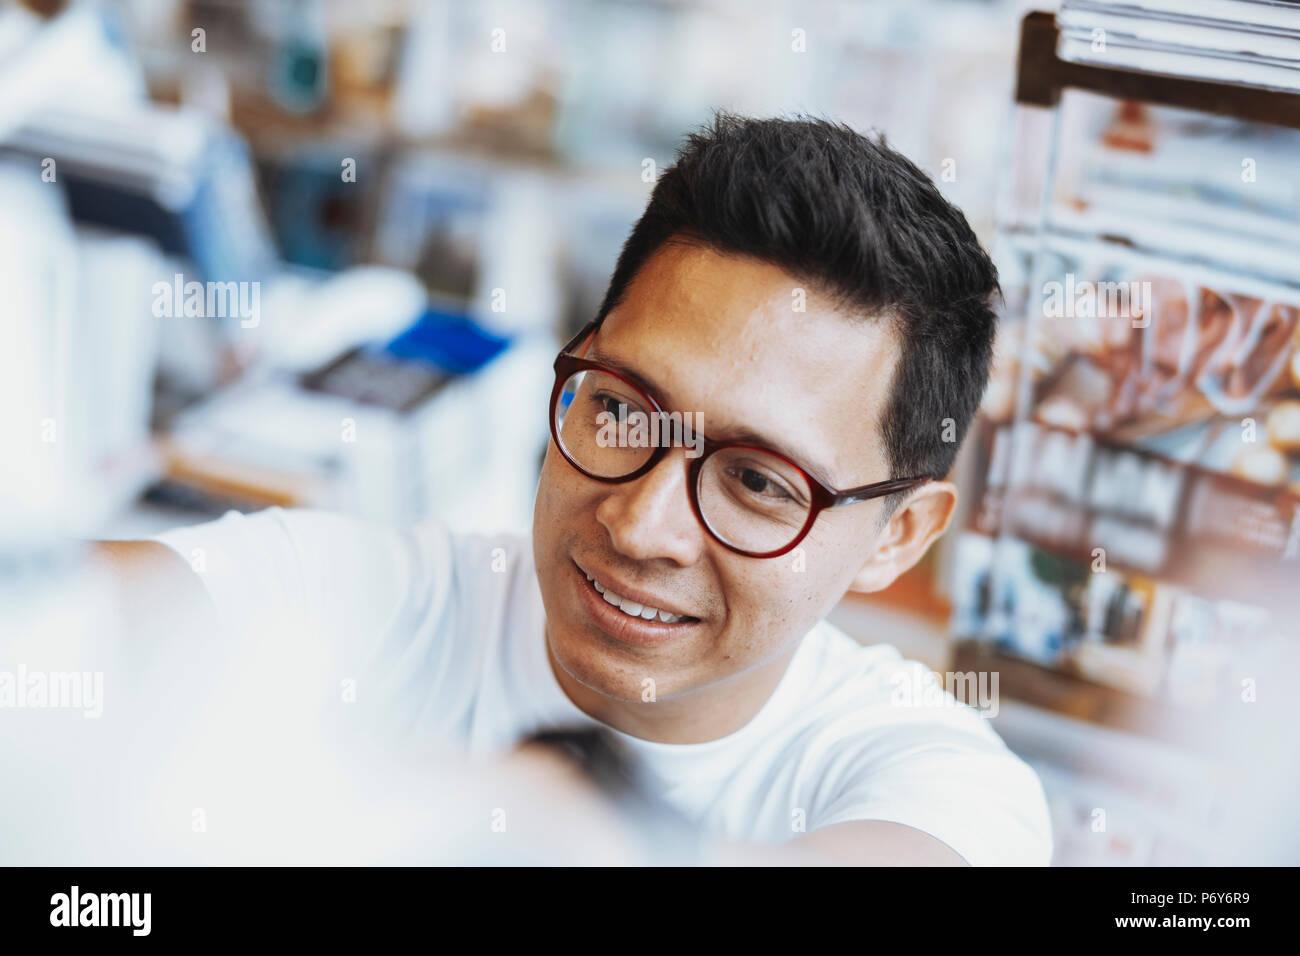 Jeune homme à lunettes atrractive livre choisir un livre sur l'étagère. Photo Stock